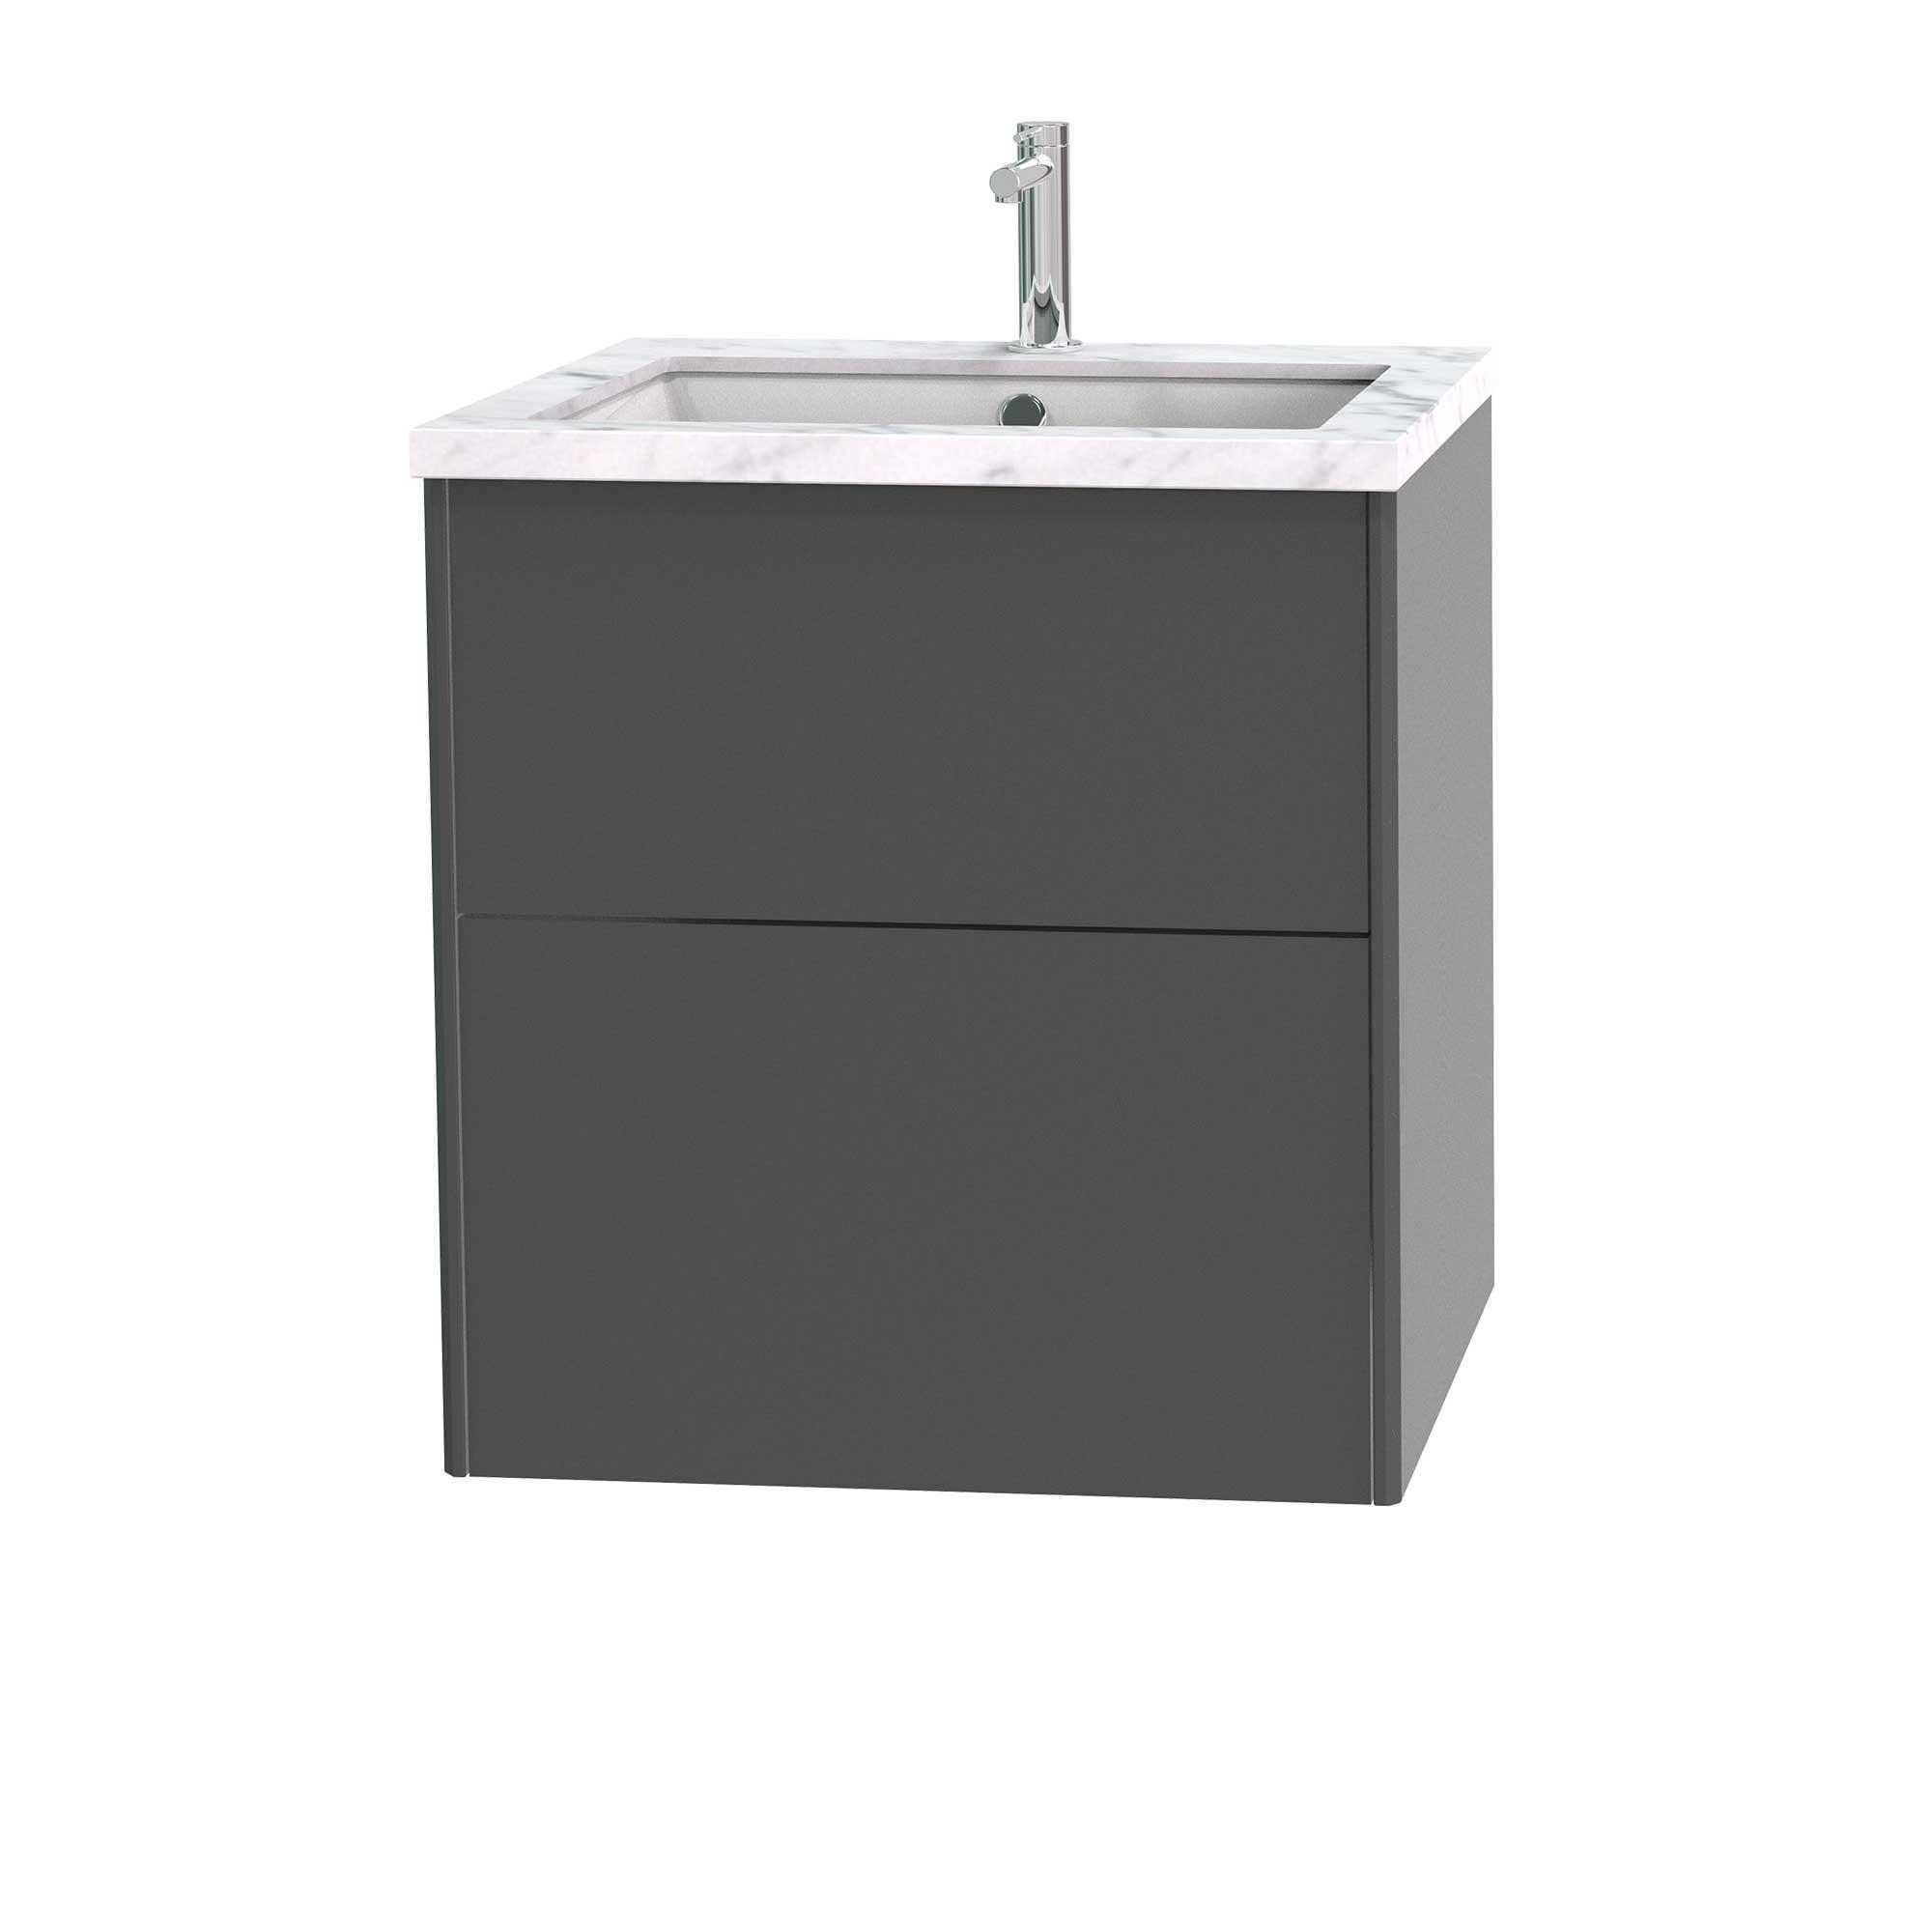 Tvättställsskåp Miller Badrum Brooklyn 60 med Lådor för Bänkskiva